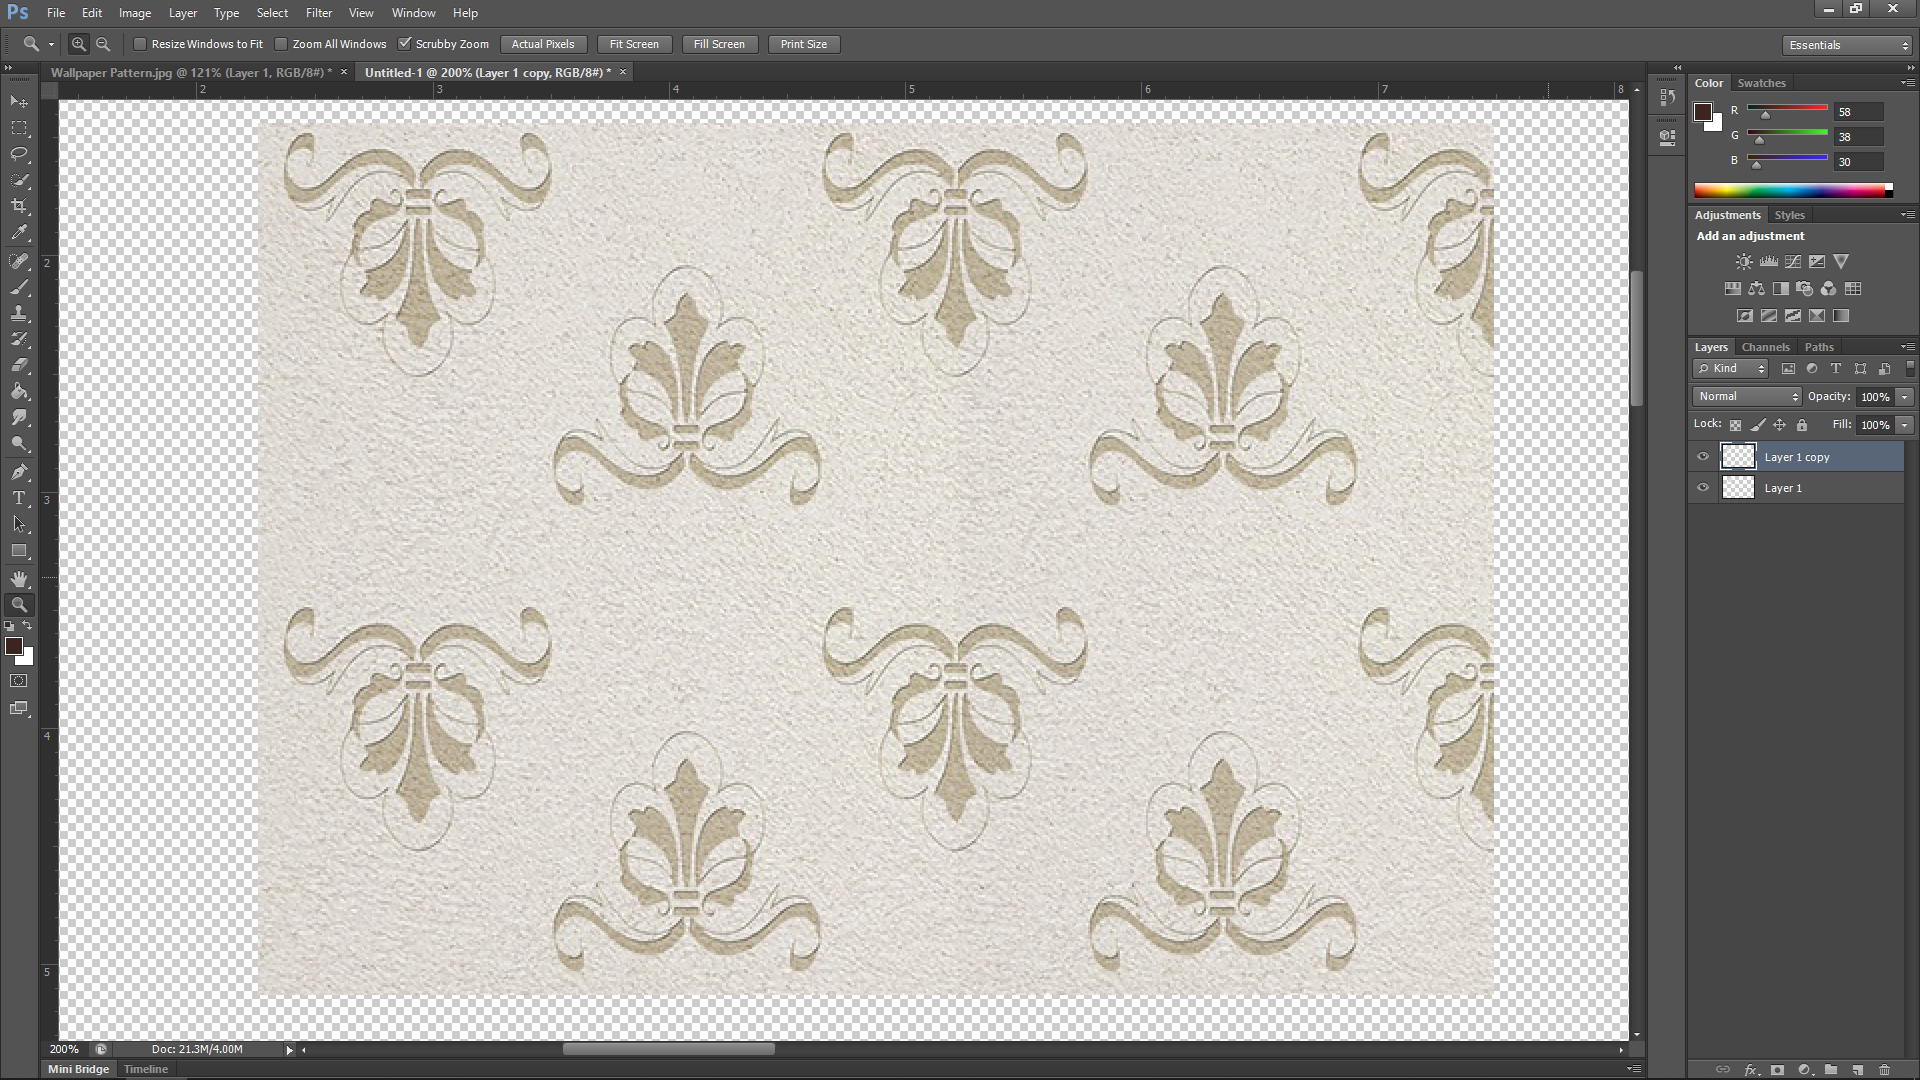 Adding Wallpaper in Photos